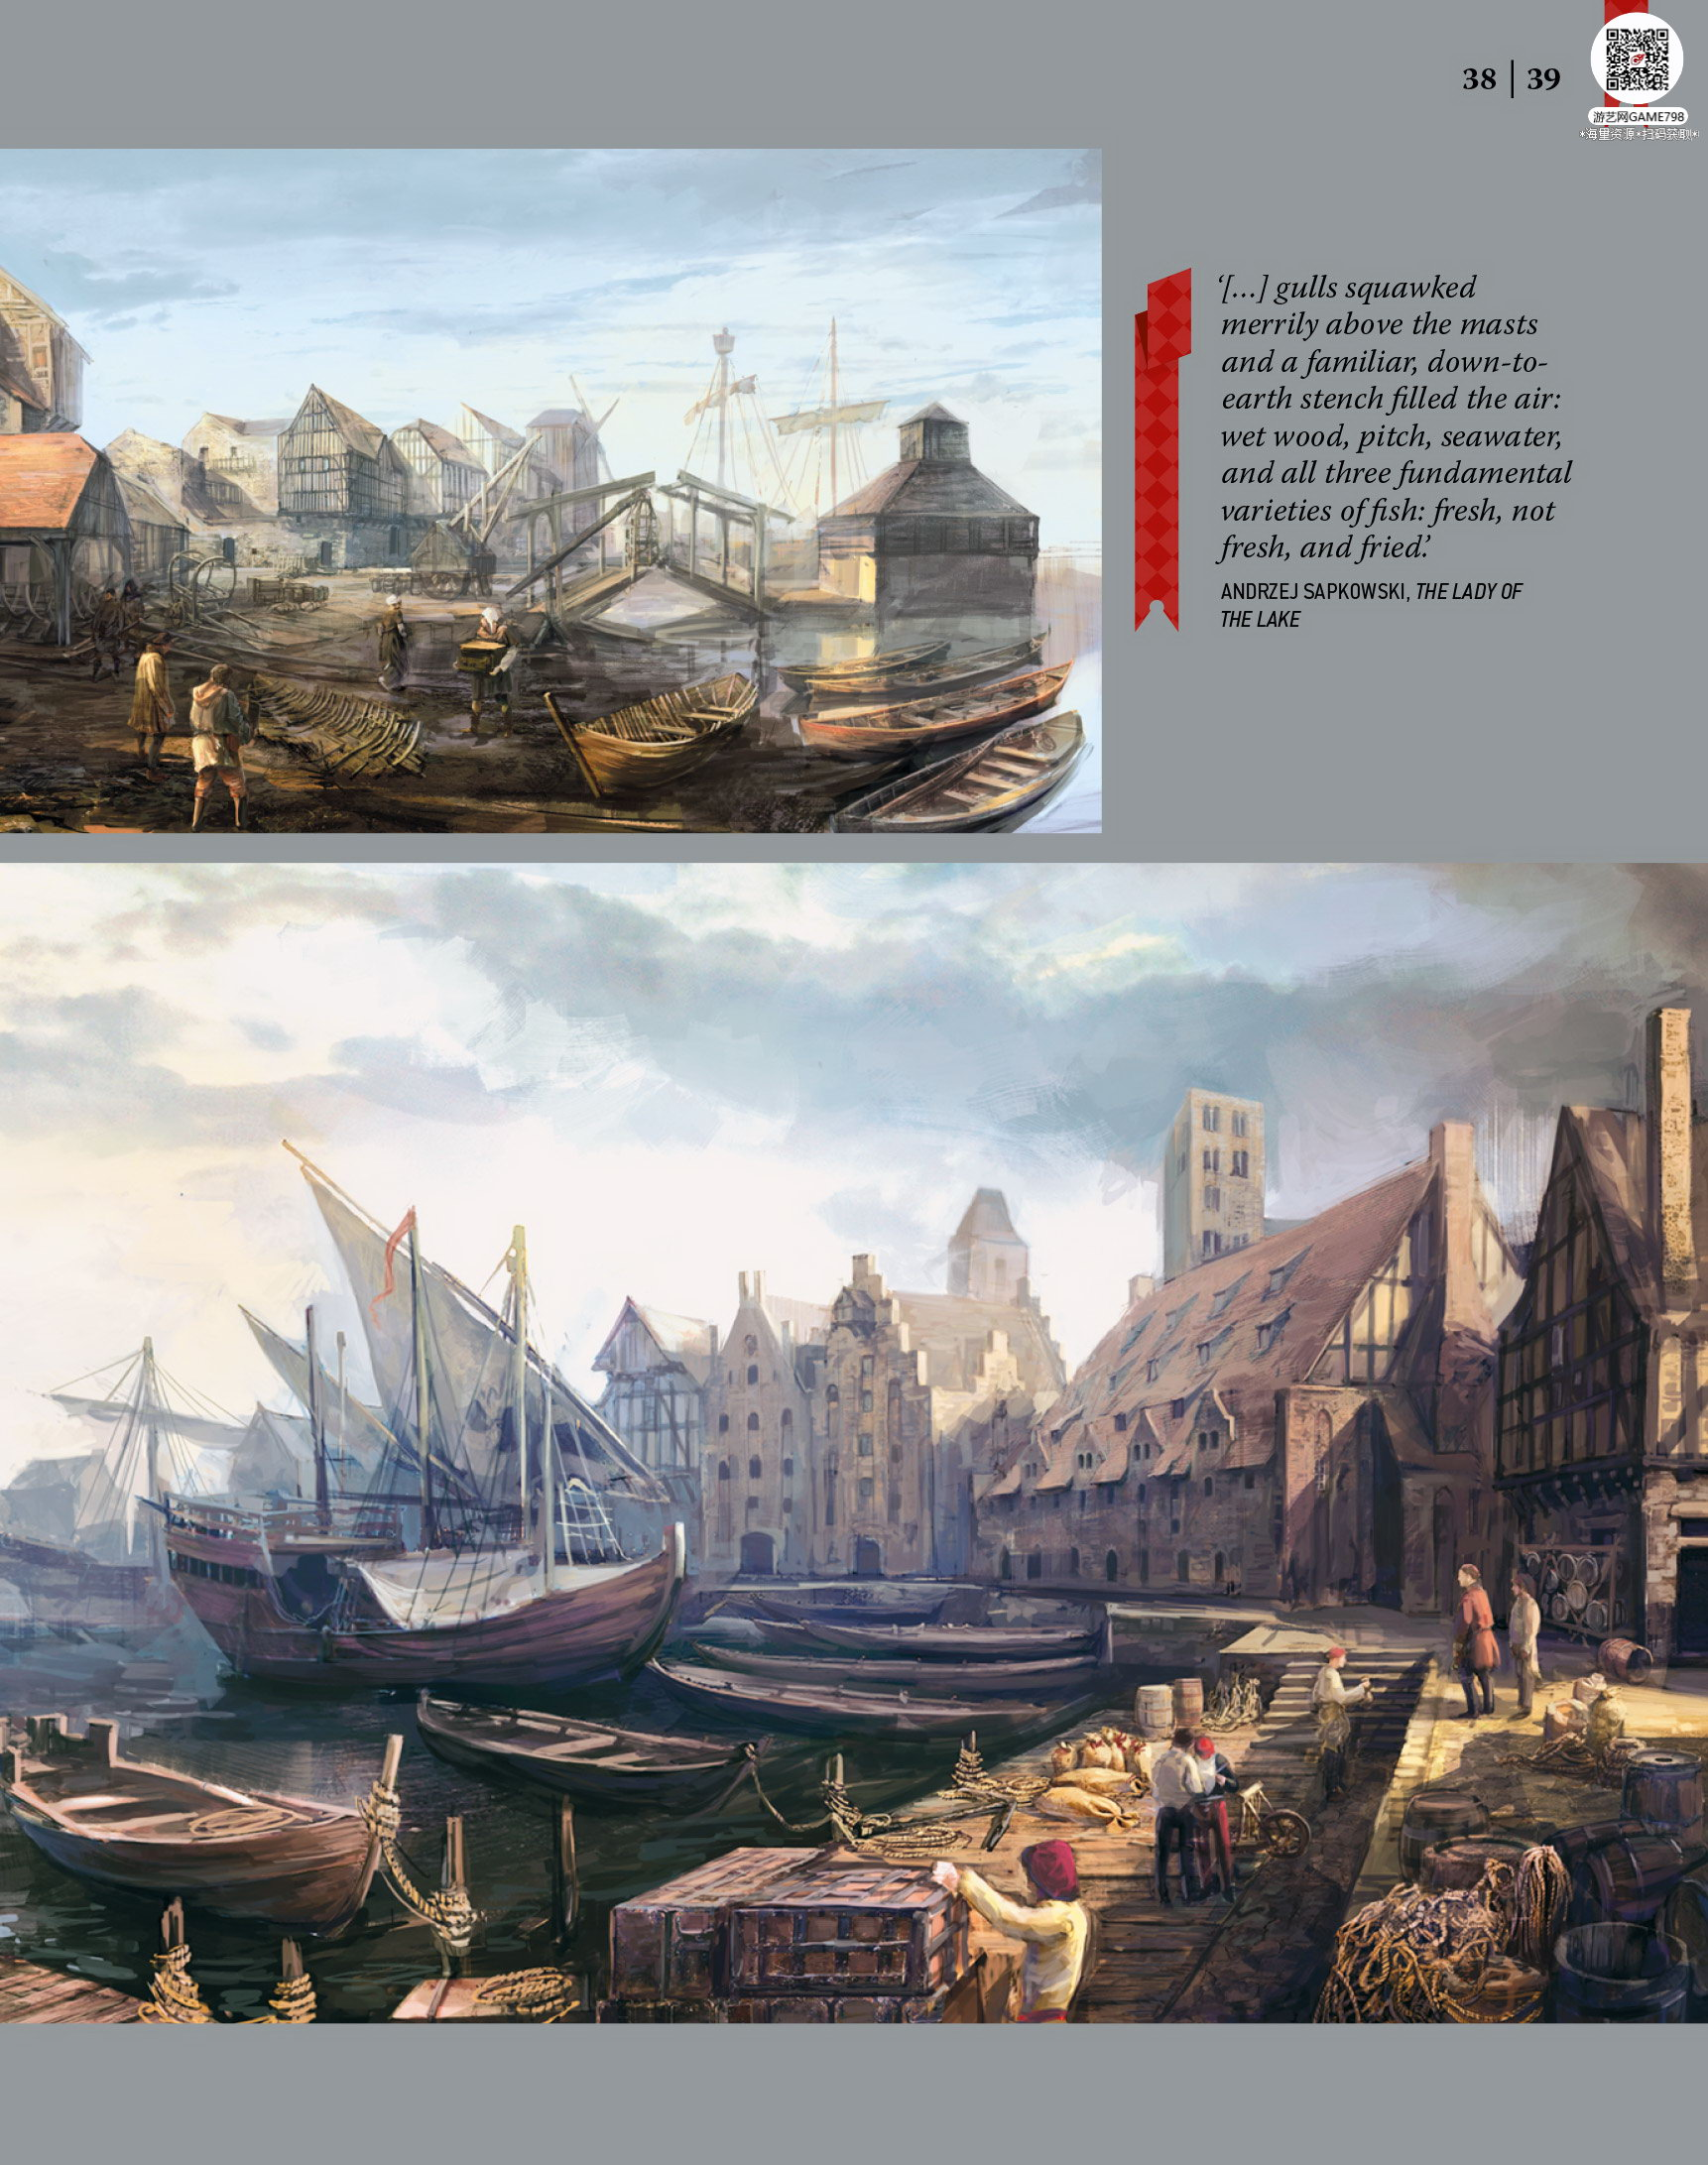 040_关注游艺网公众号获海量资源_次世代游戏巫师3(Witcher)官方原画概念设定.jpg